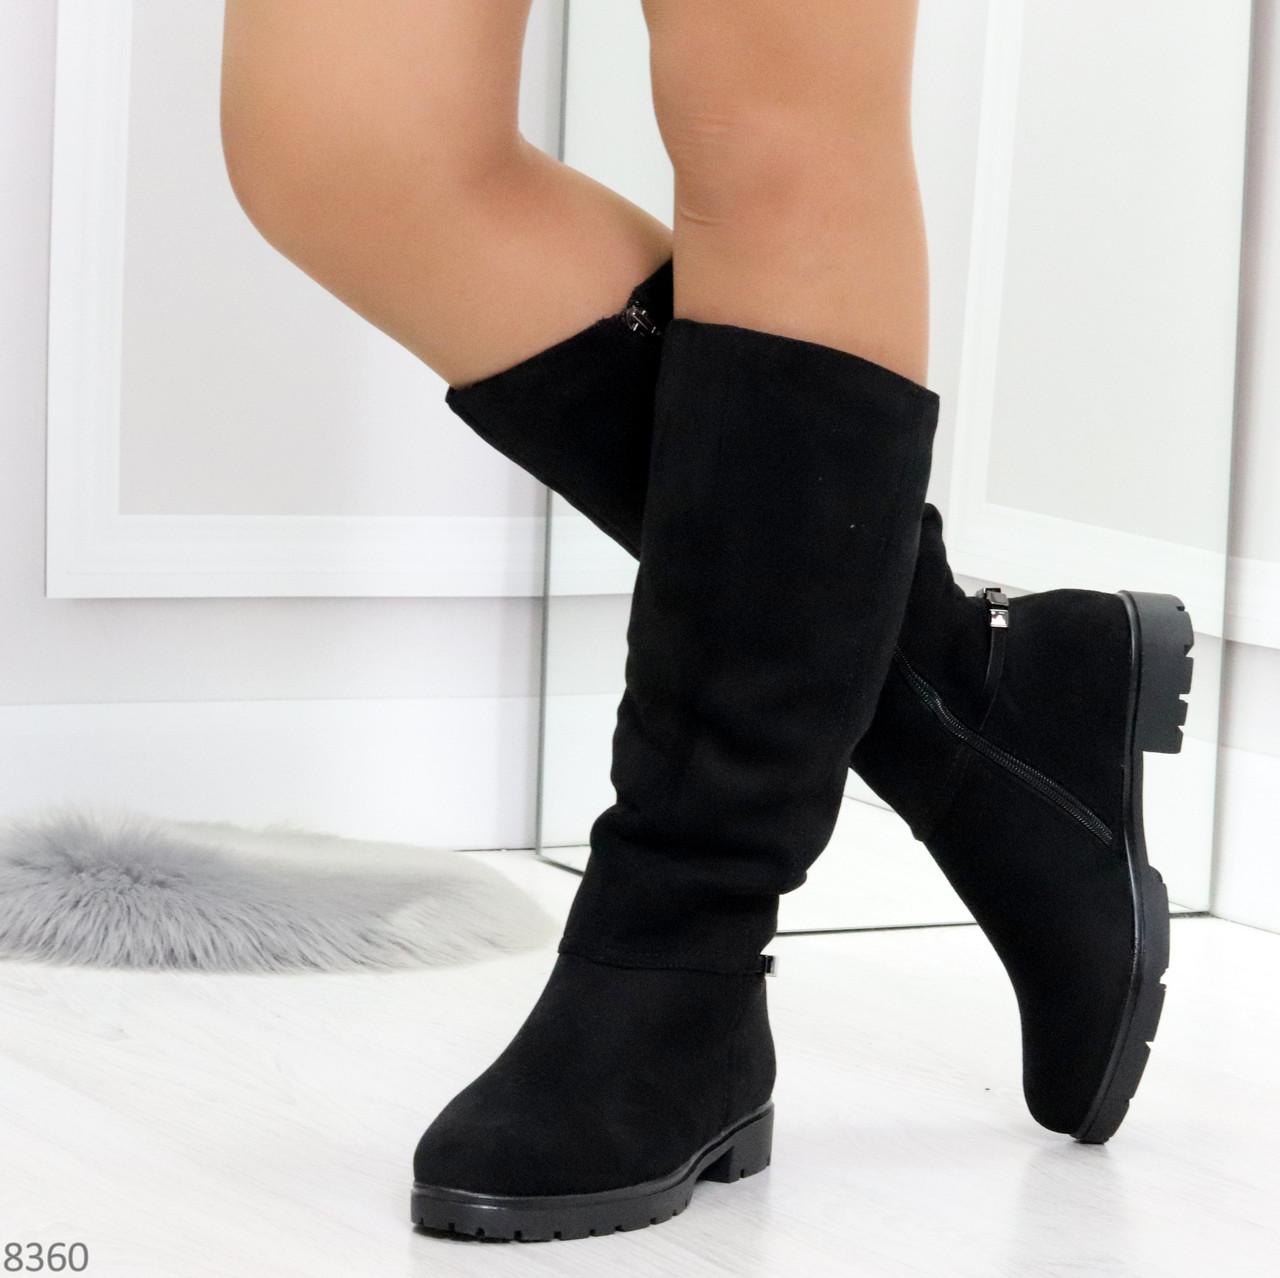 Удобные черные замшевые женские зимние сапоги утеплитель шерсть 36-23,5см